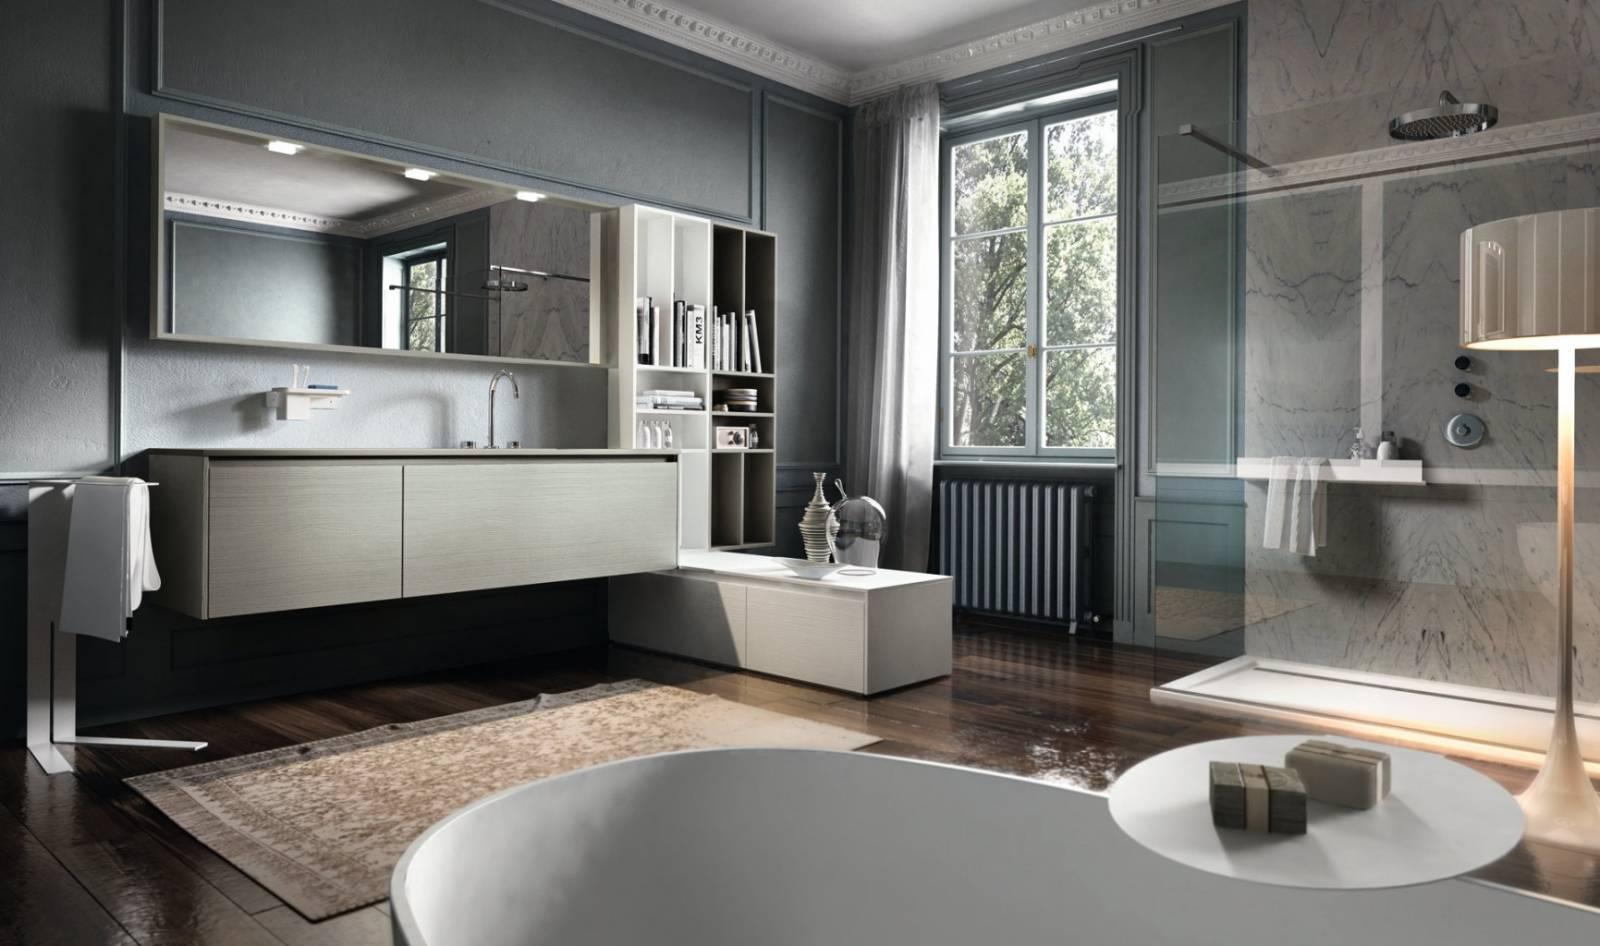 salle de bain design carr d 39 eau. Black Bedroom Furniture Sets. Home Design Ideas